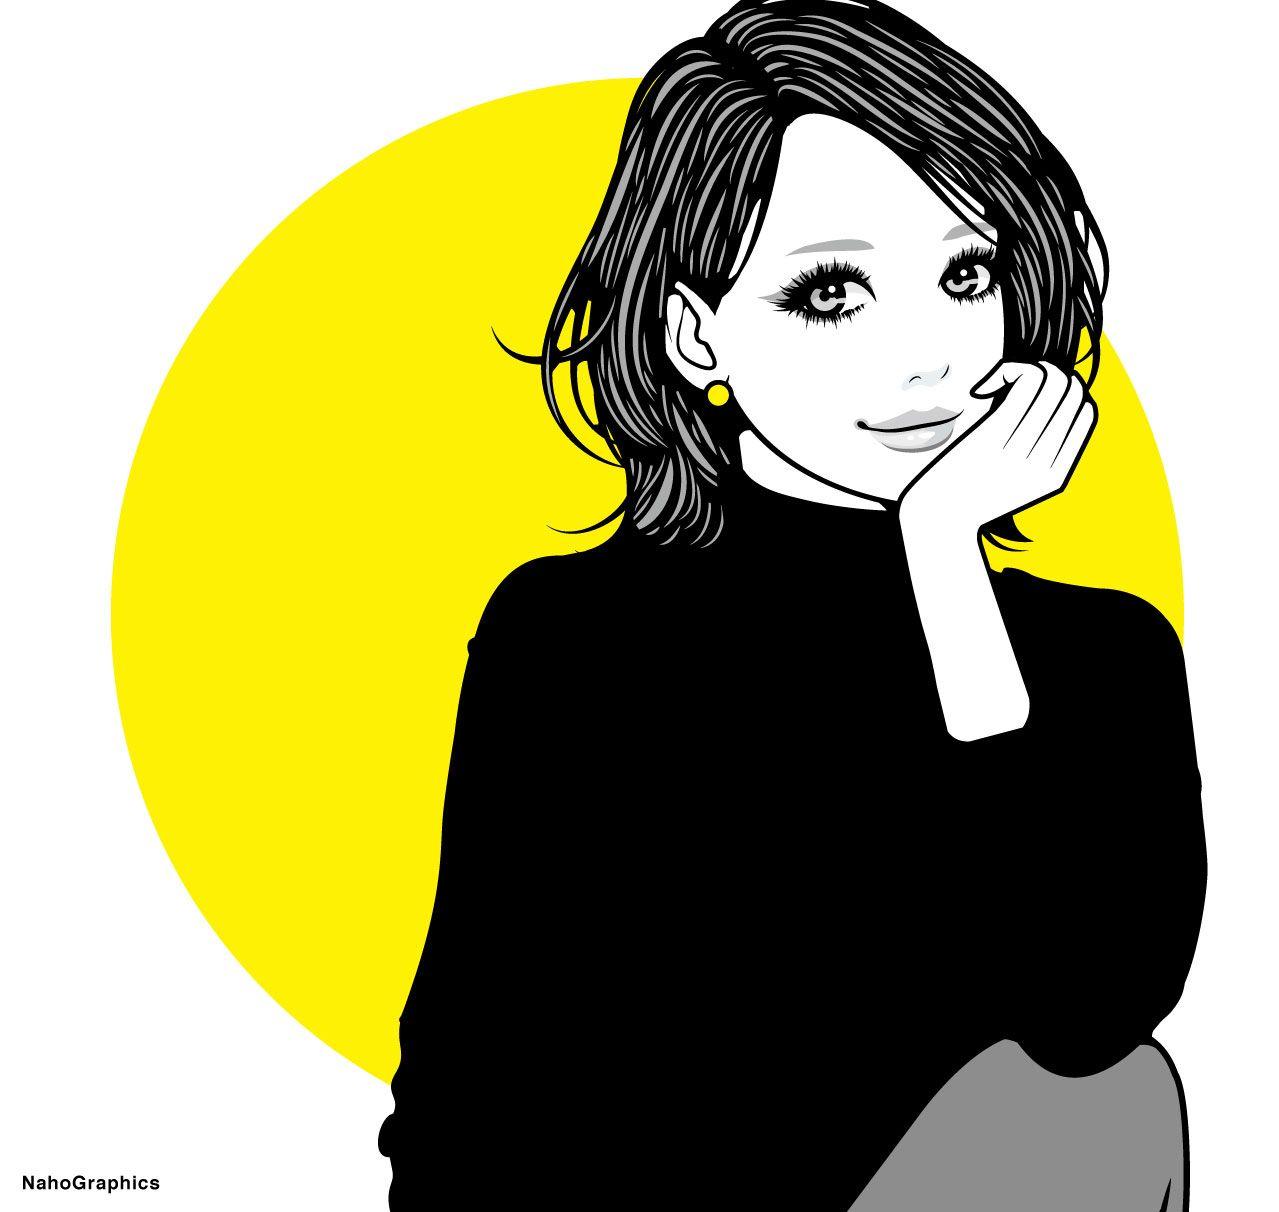 #illustration #drawing #art #simple #design #fashion #hair #hairstyle #face #design #イラスト #イラストレーション #アート #女性イラスト #ドローイング #絵 #make #メイク #女の子 #girl #woman #女性 #ファッション #ボブ #ガーリー #ネイル #切り絵風 #黄色 #タートルネック #モノクロ